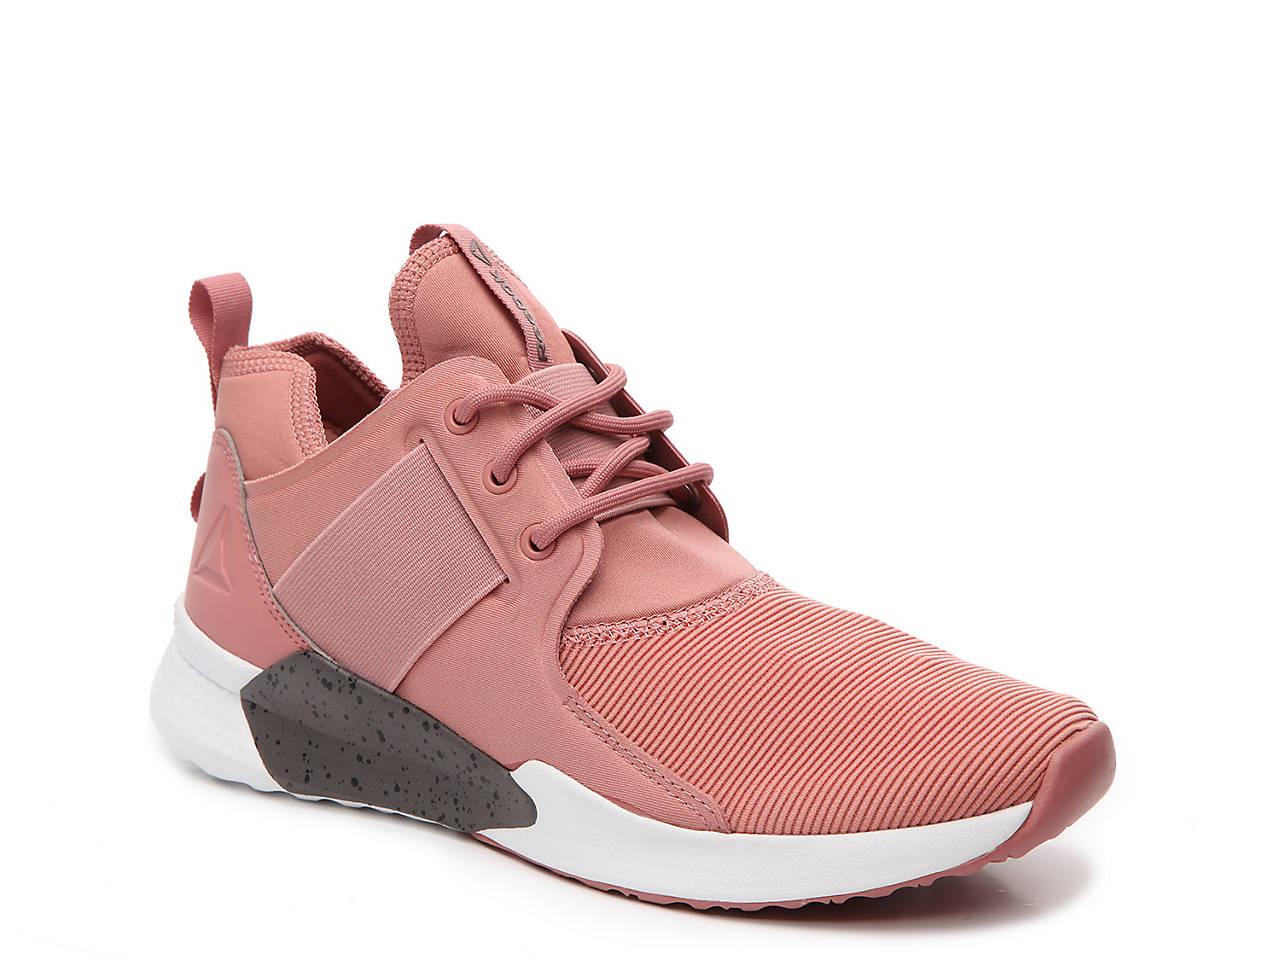 e2f0f9aff Reebok Guresu 1.0 Training Shoe - Women's Women's Shoes | DSW